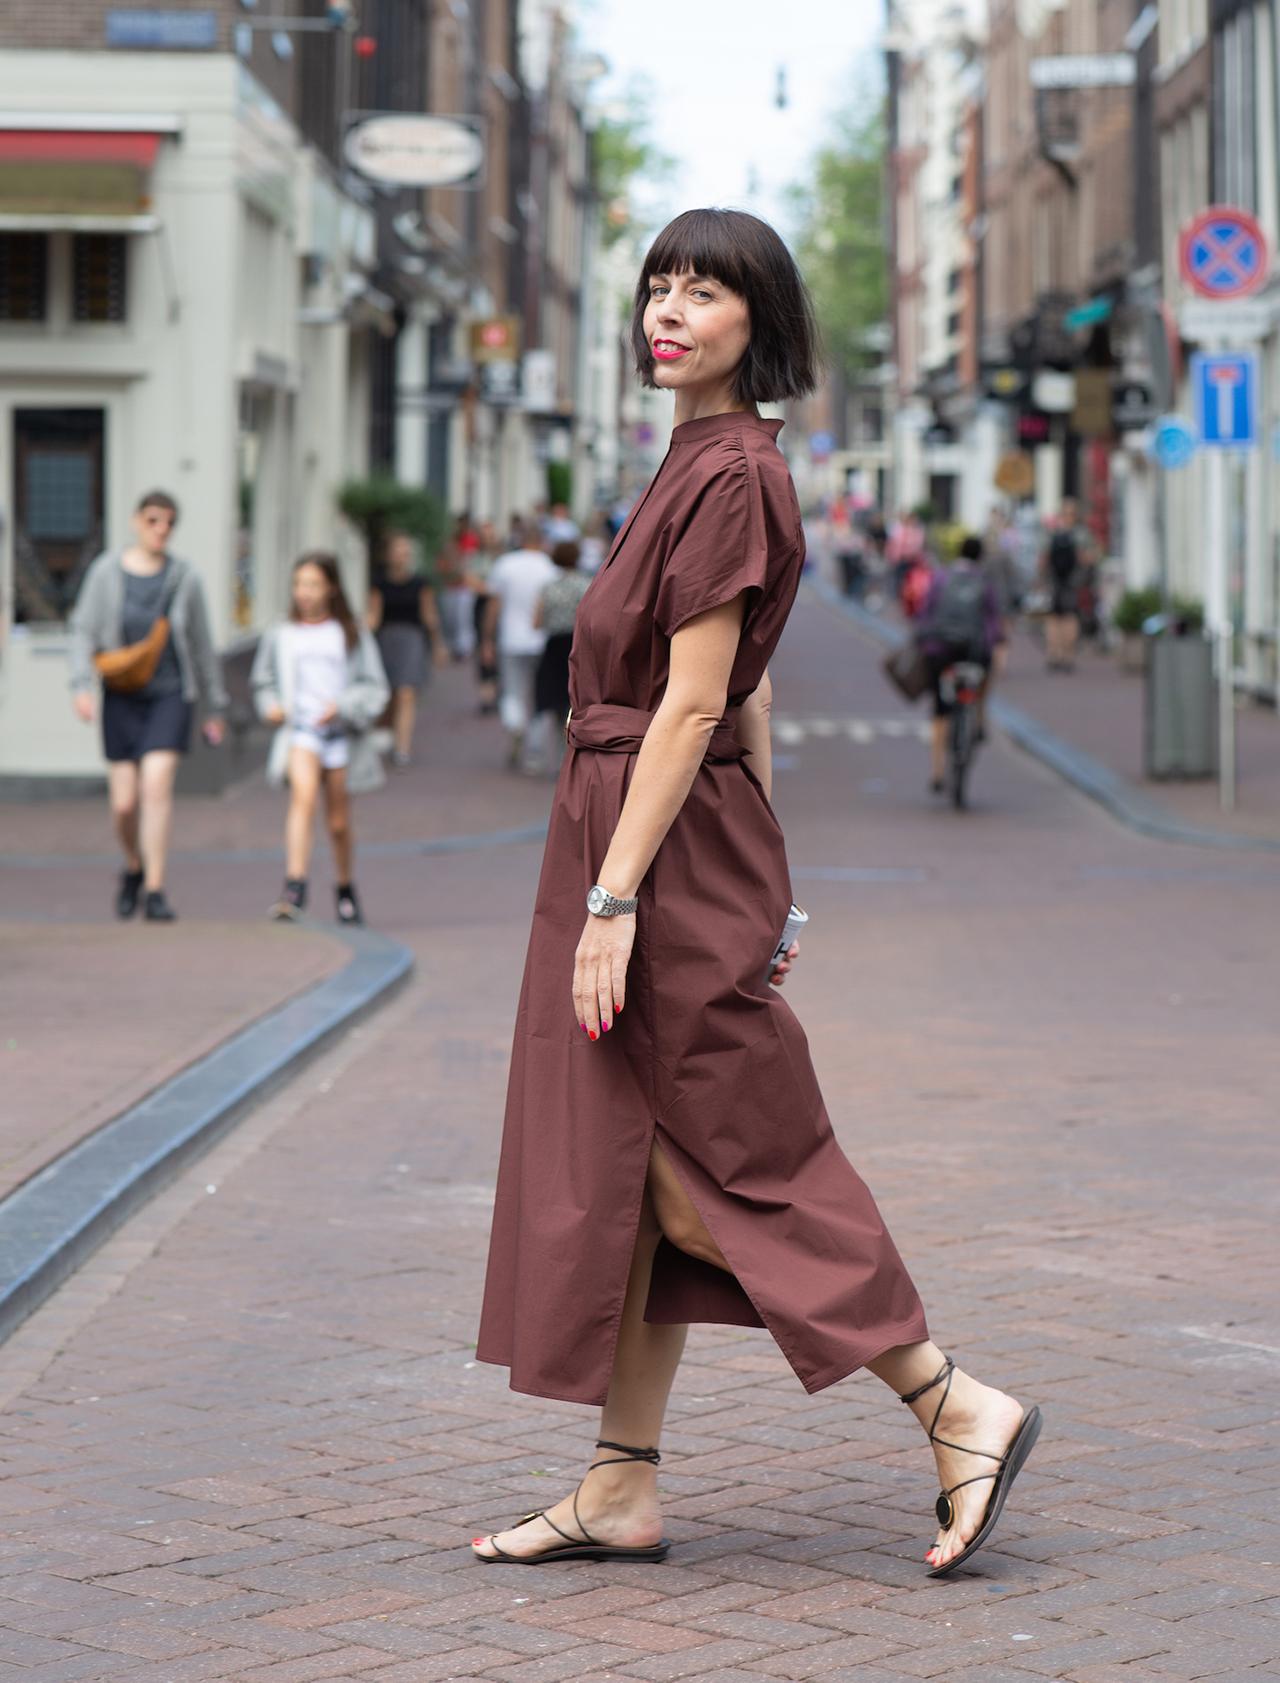 Frau läuft die Straße entlang mit bodenlangem Kleid - Trendfarbe Braun kombinieren